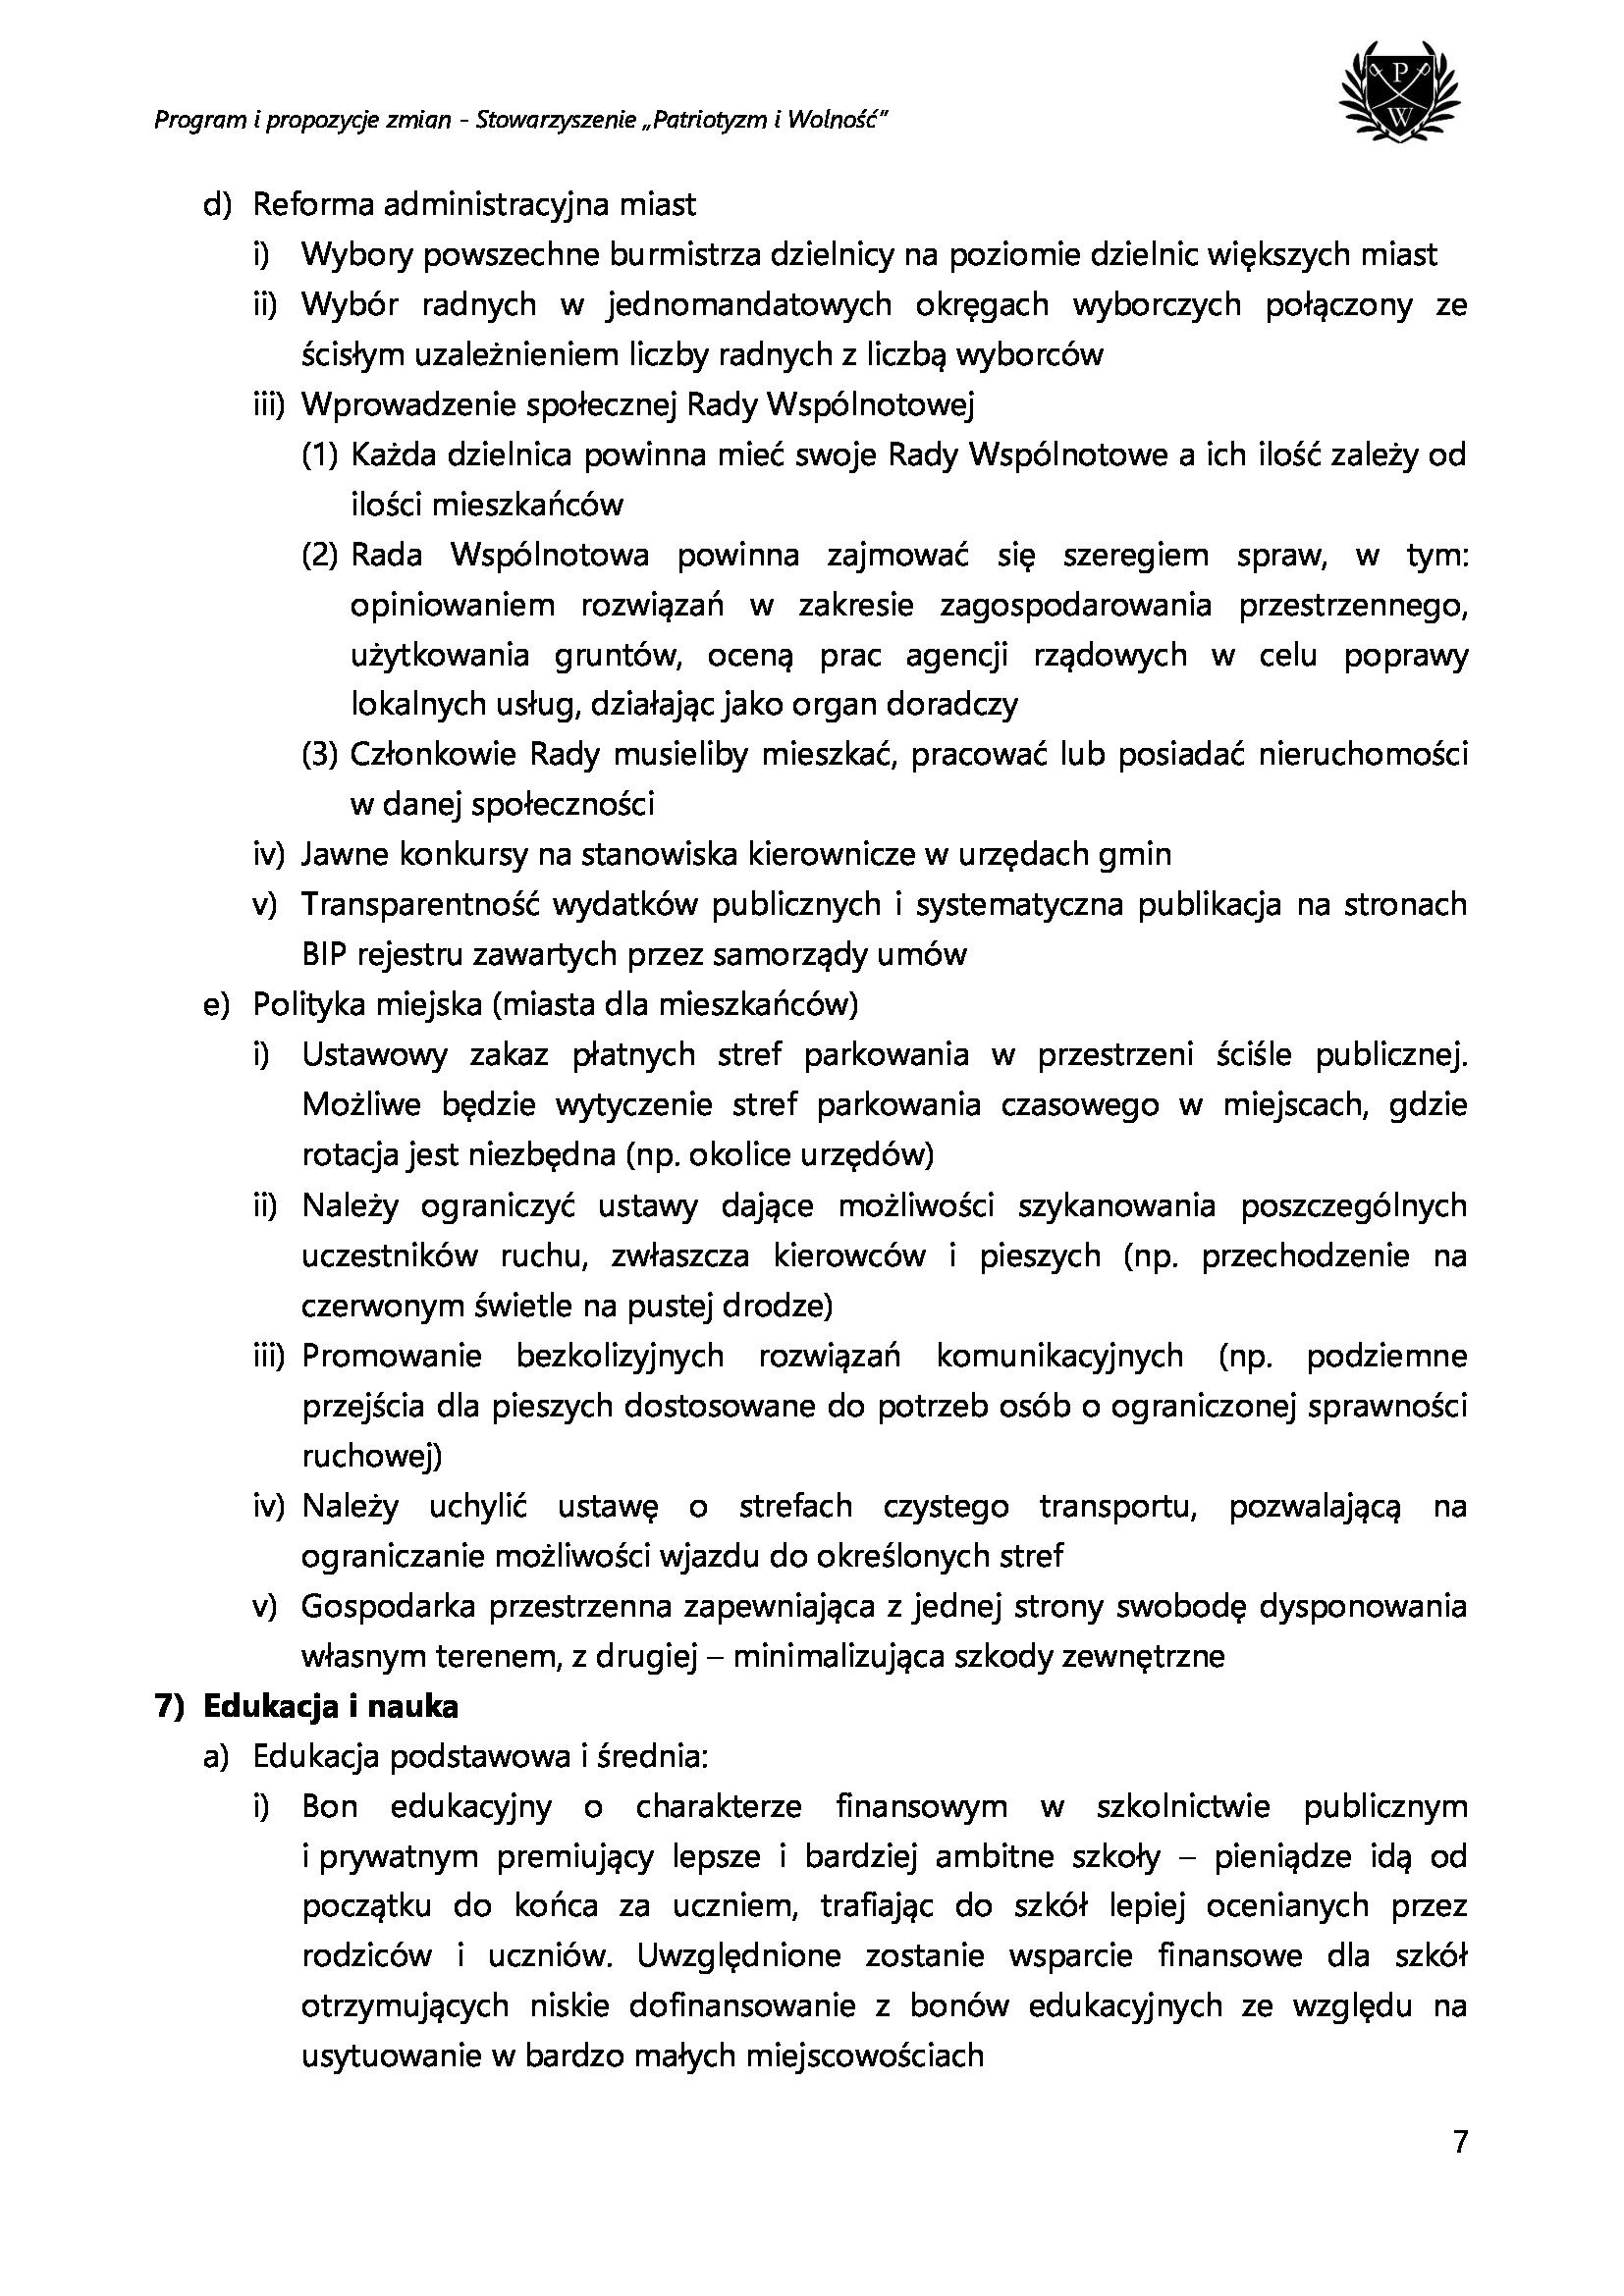 db9e272ef5a9a2e66d26f1905be6c507-7